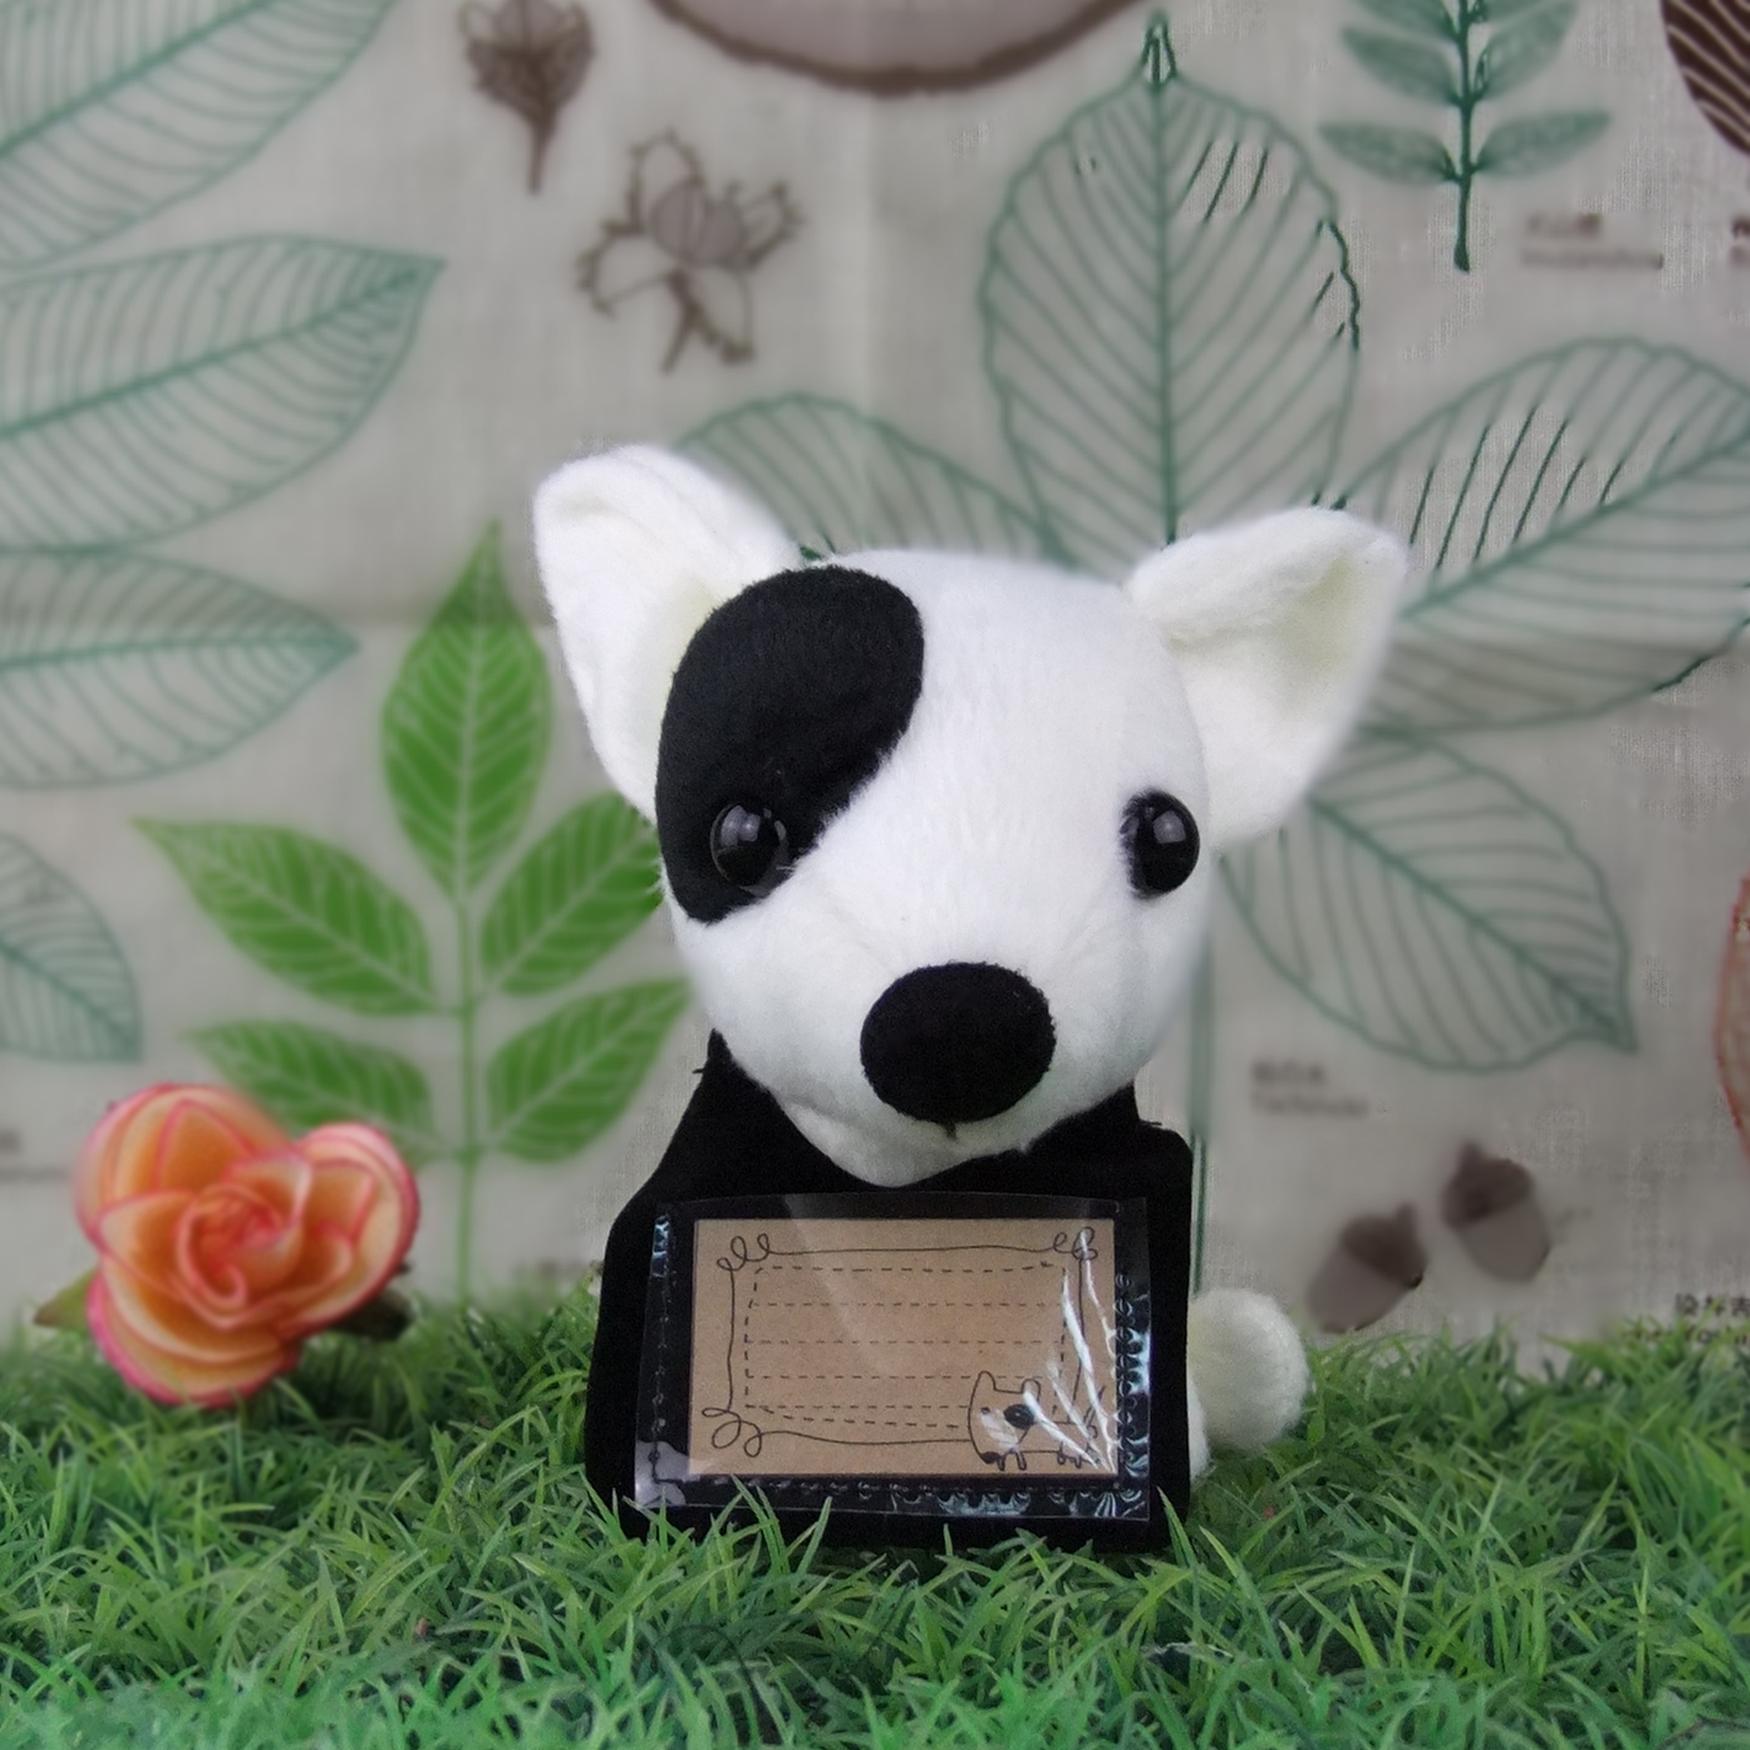 ITOOB Bull Terrier ตุ๊กตาไอ้ตูบ บูเทอเรีย